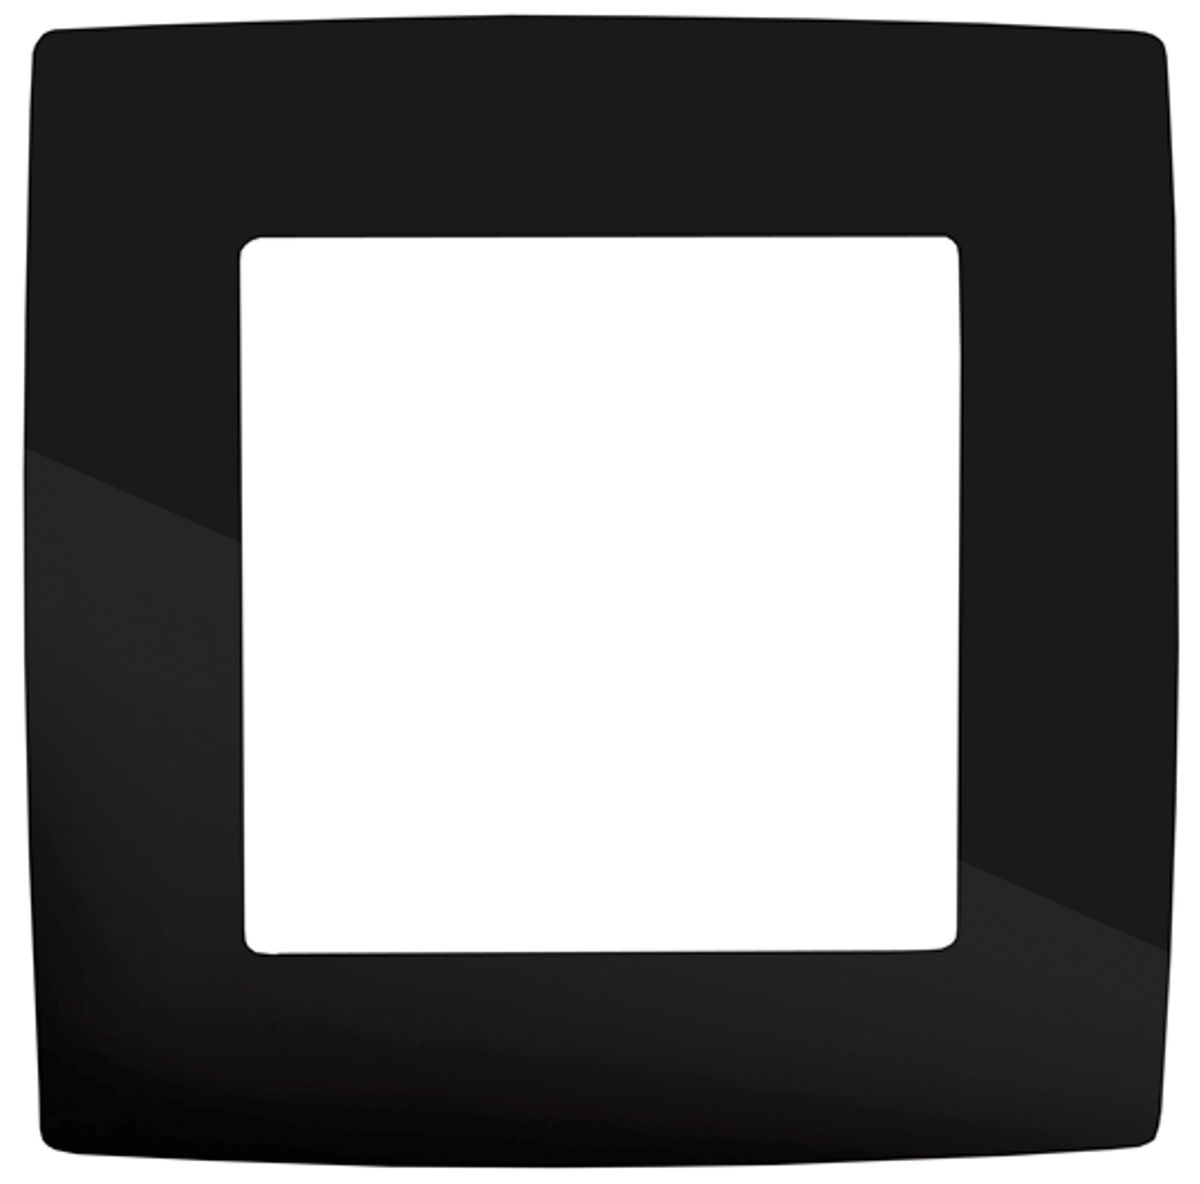 Рамка для встраиваемой розетки Эра, на 1 пост, цвет: черный